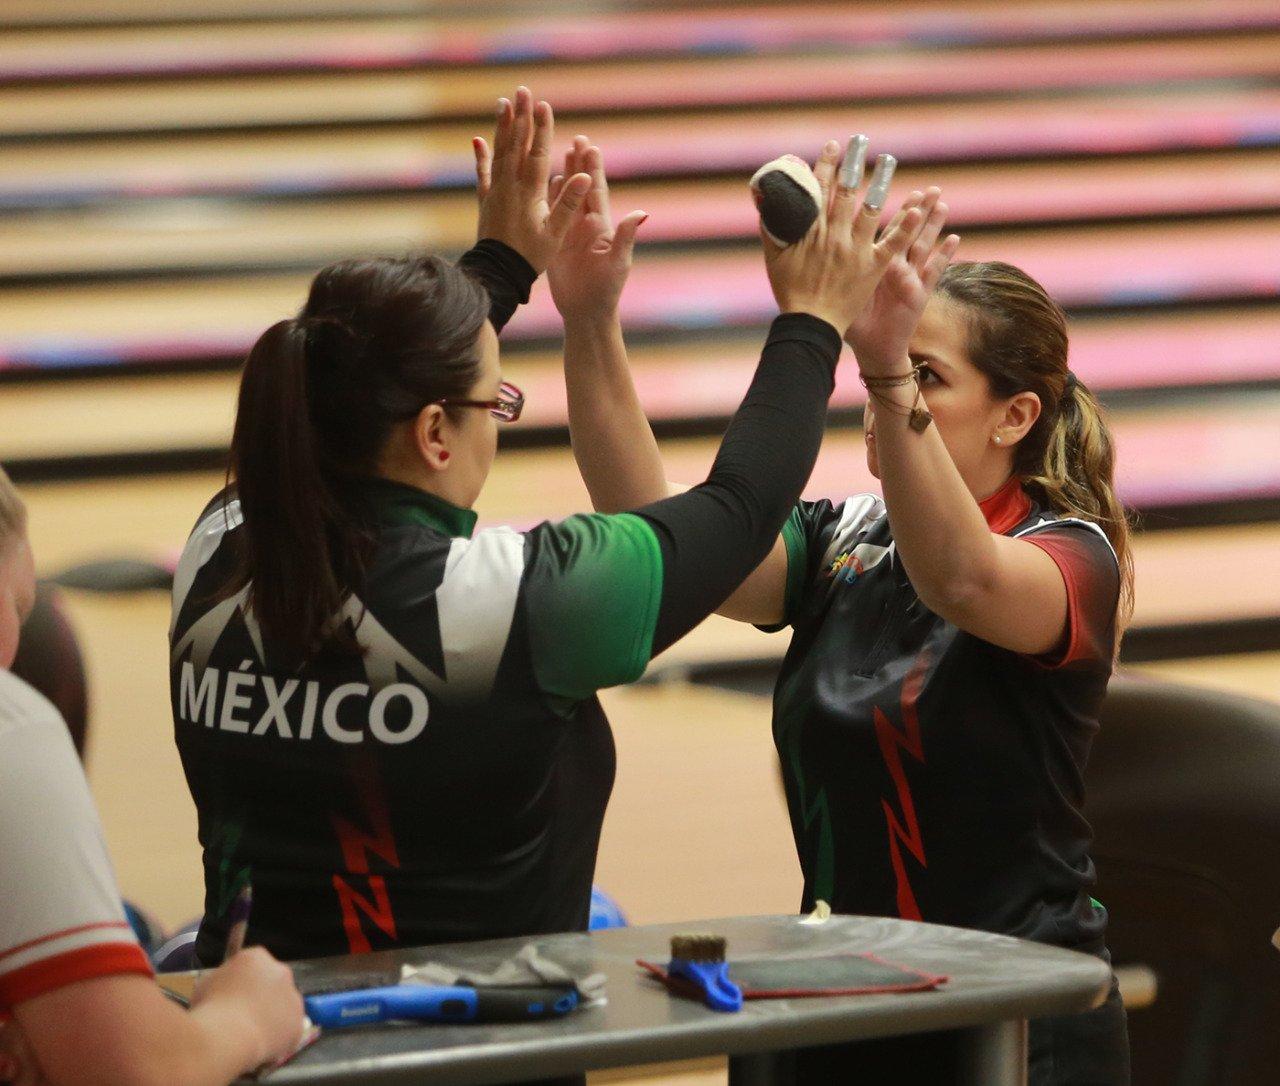 Ileana Lomelí y Aseret Zetter en los Juegos Panamericanos 2019